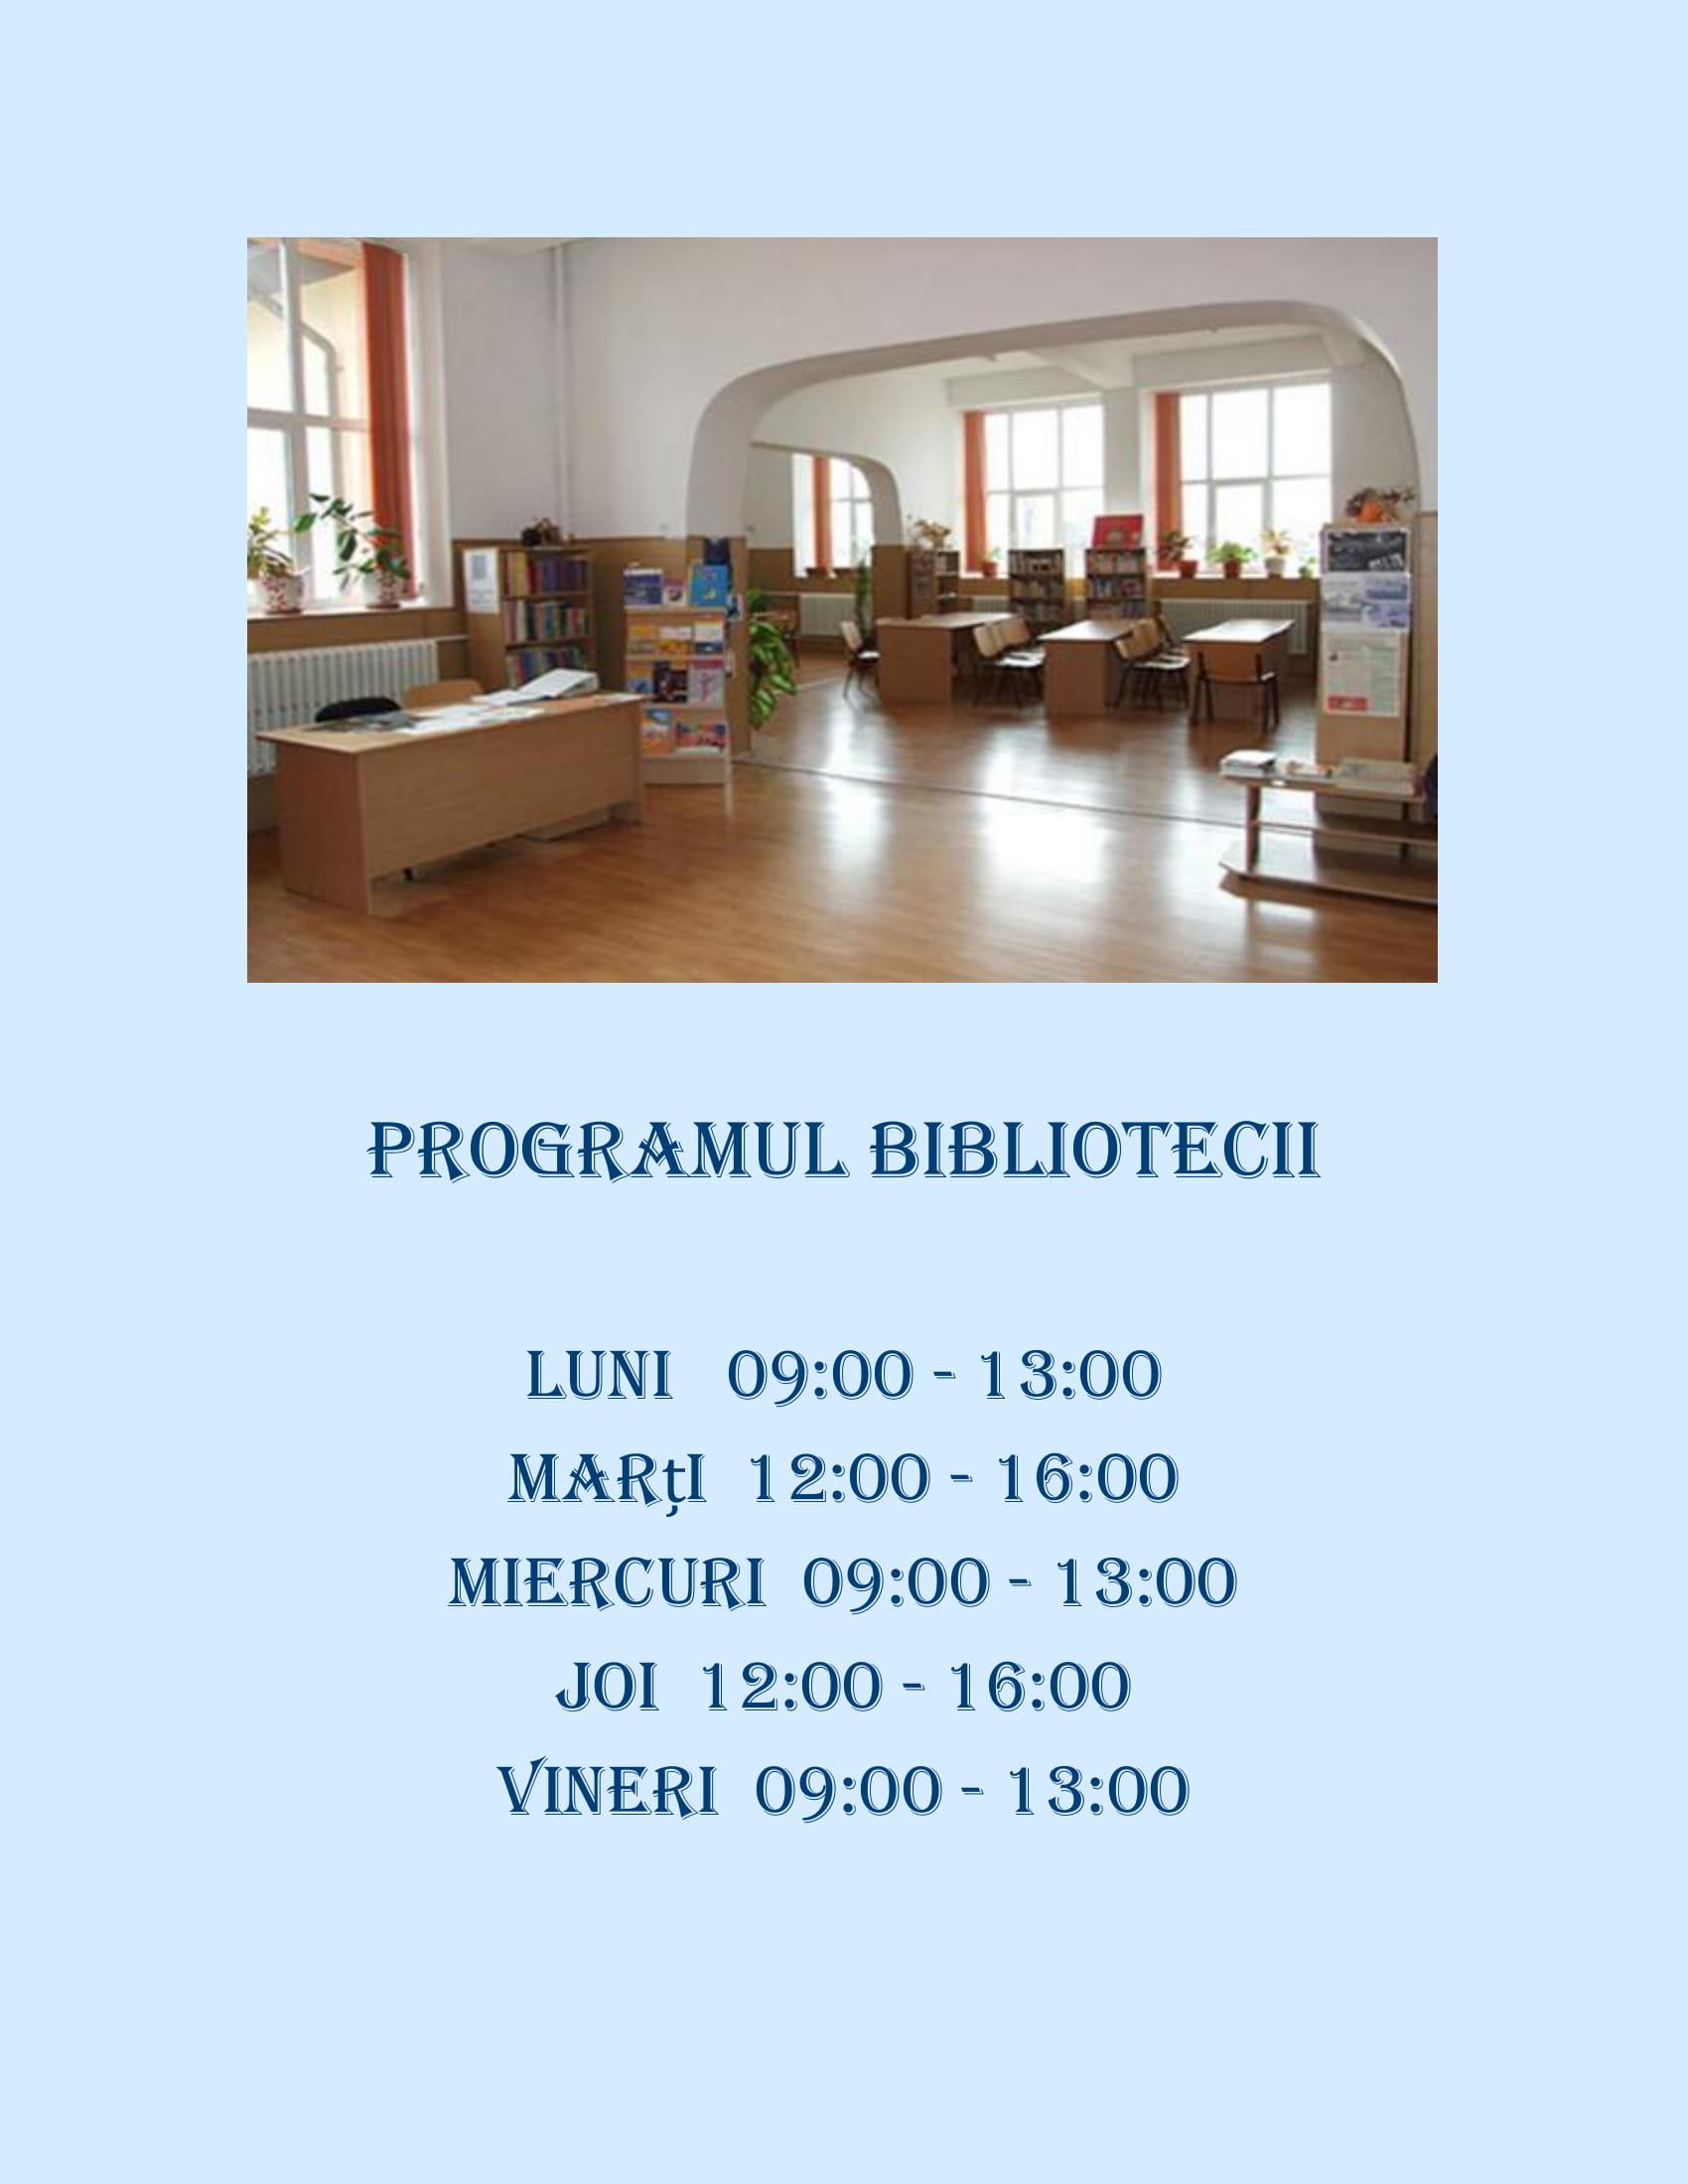 Programul Bibliotecii-1